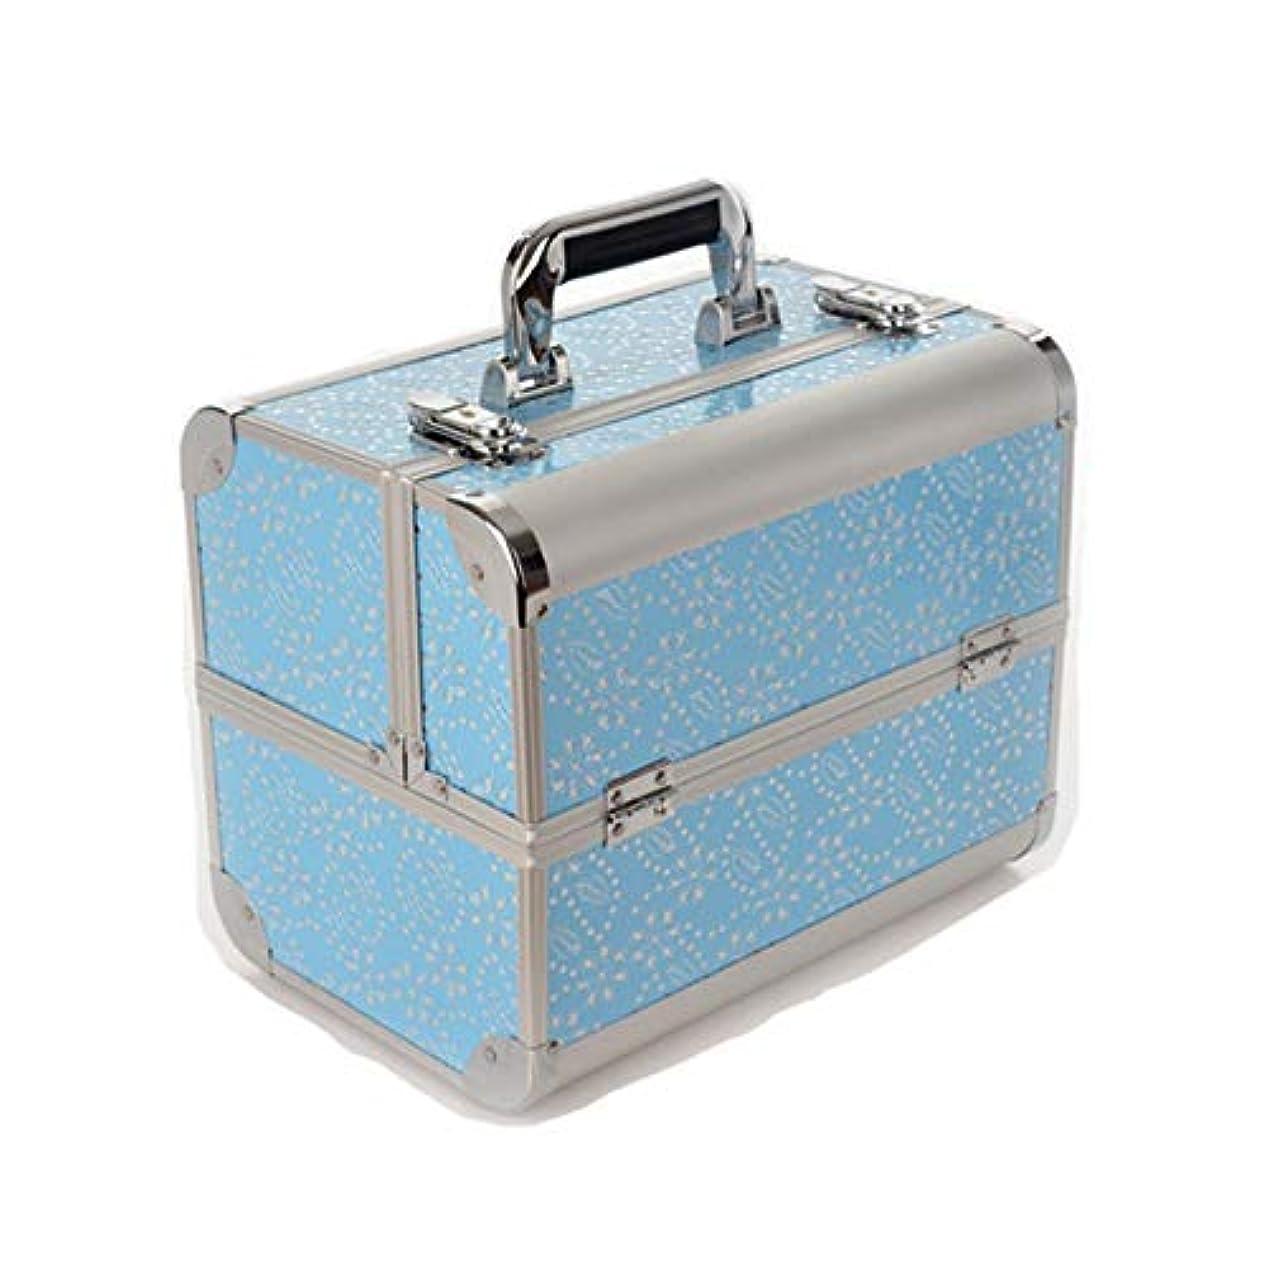 太陽インペリアル富豪特大スペース収納ビューティーボックス 美の構造のためそしてジッパーおよび折る皿が付いている女の子の女性旅行そして毎日の貯蔵のための高容量の携帯用化粧品袋 化粧品化粧台 (色 : 青)